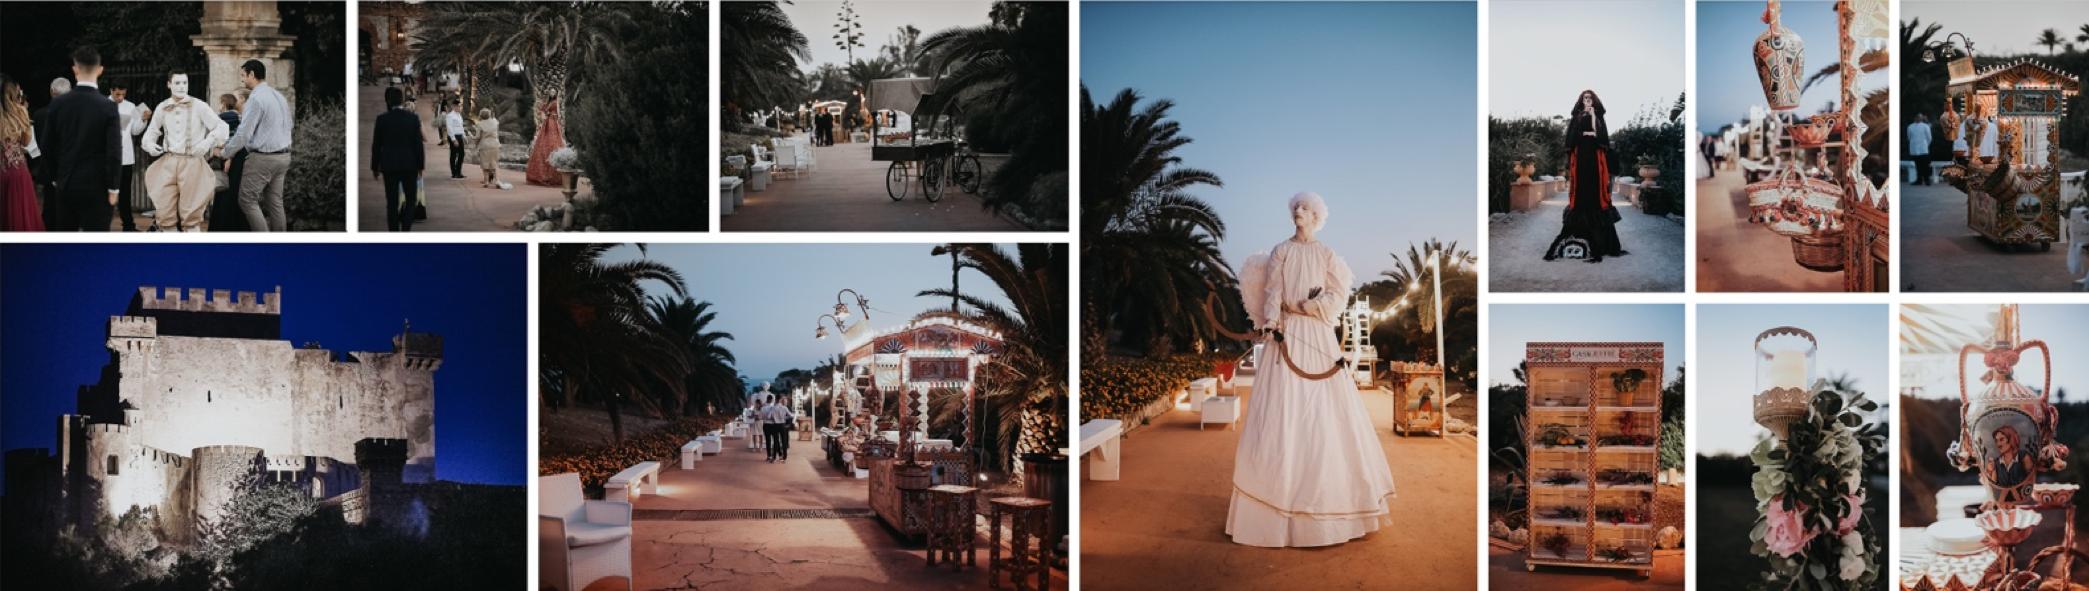 immagini di location per matrimonio dal blog di Sonia Aloisi Photographer a Caltanissetta